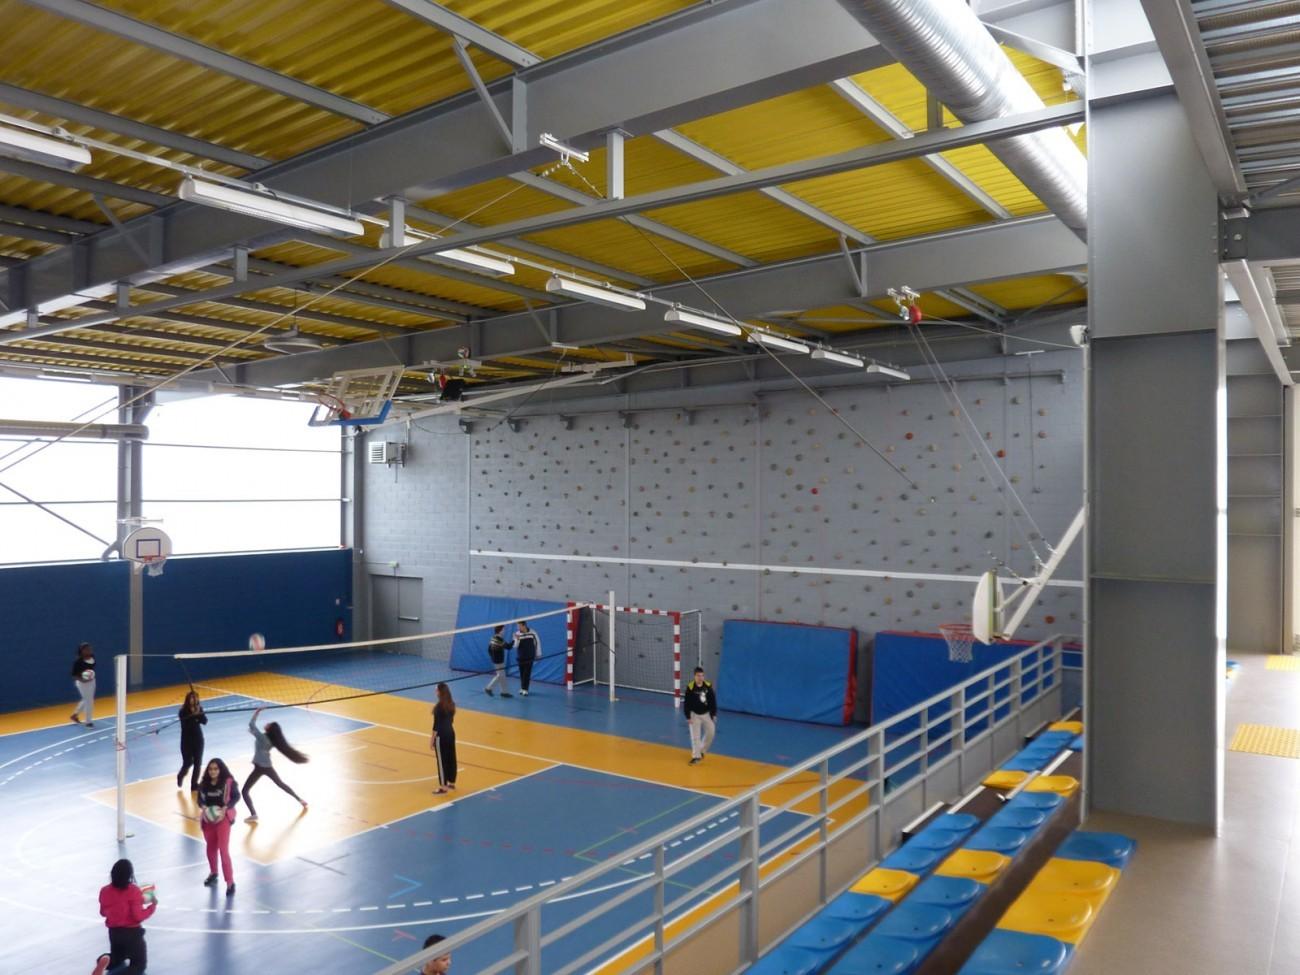 bourgueil rouleau architectes gymnase du grand clos salle de gymnastique femina. Black Bedroom Furniture Sets. Home Design Ideas